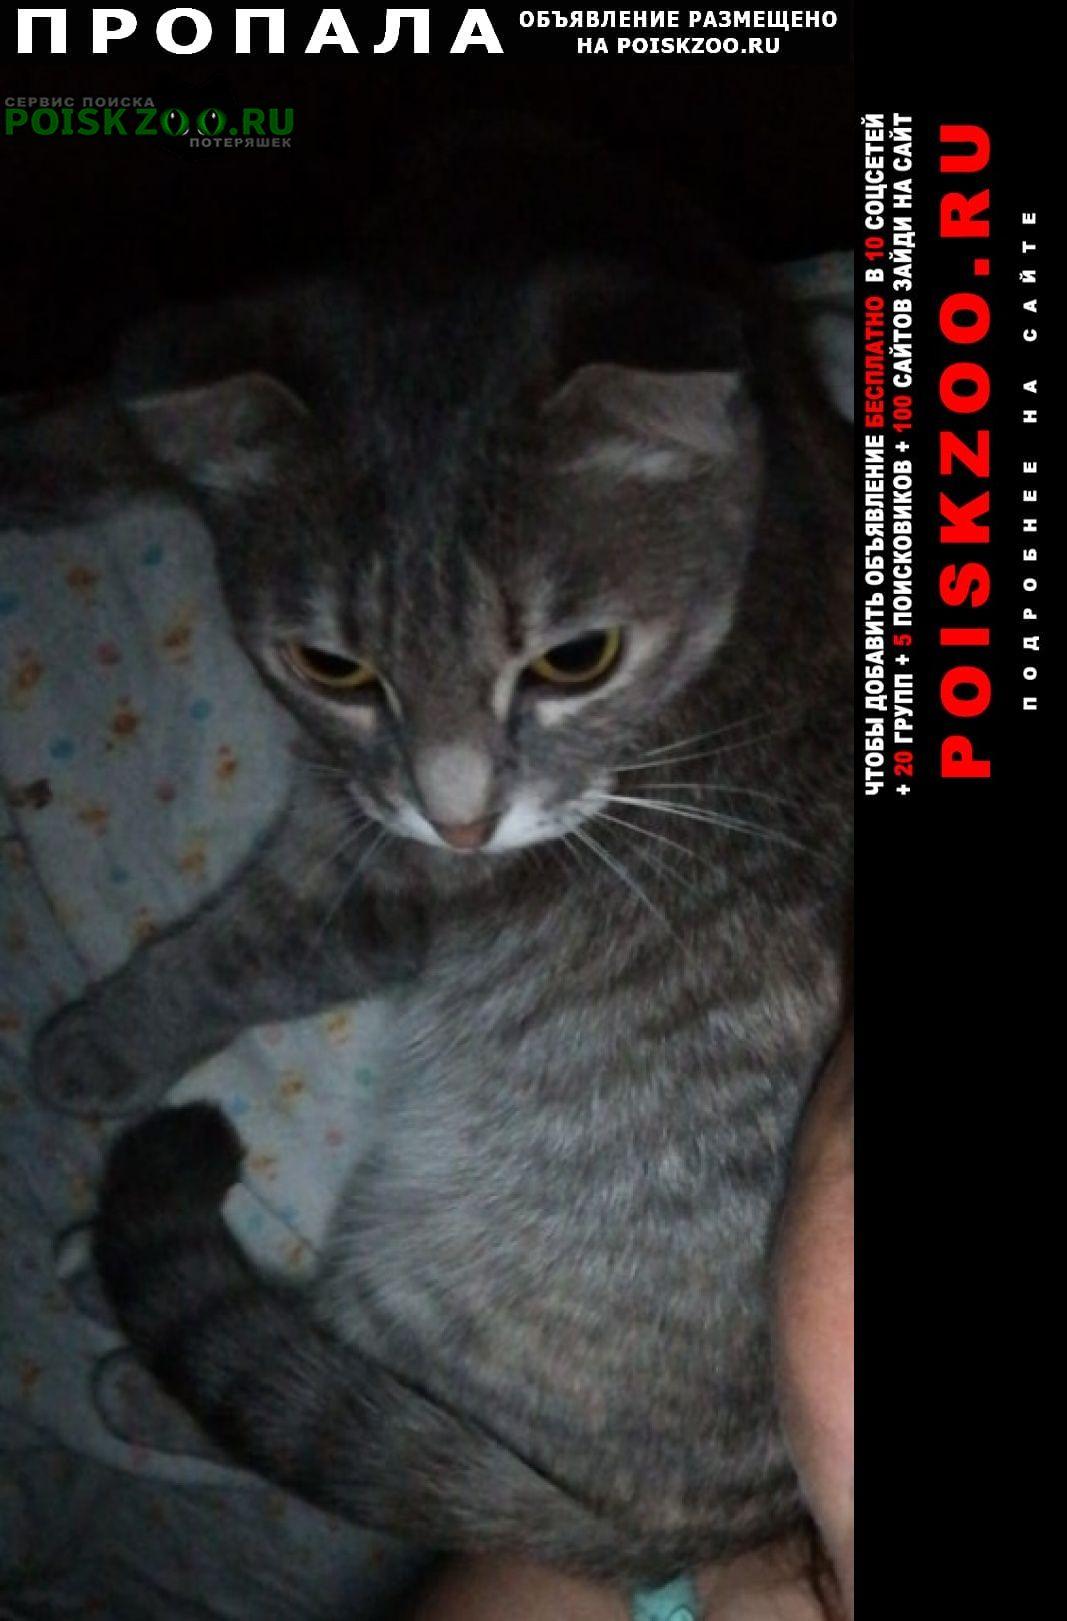 Пропала кошка помогите найти, дети переживают Уфа